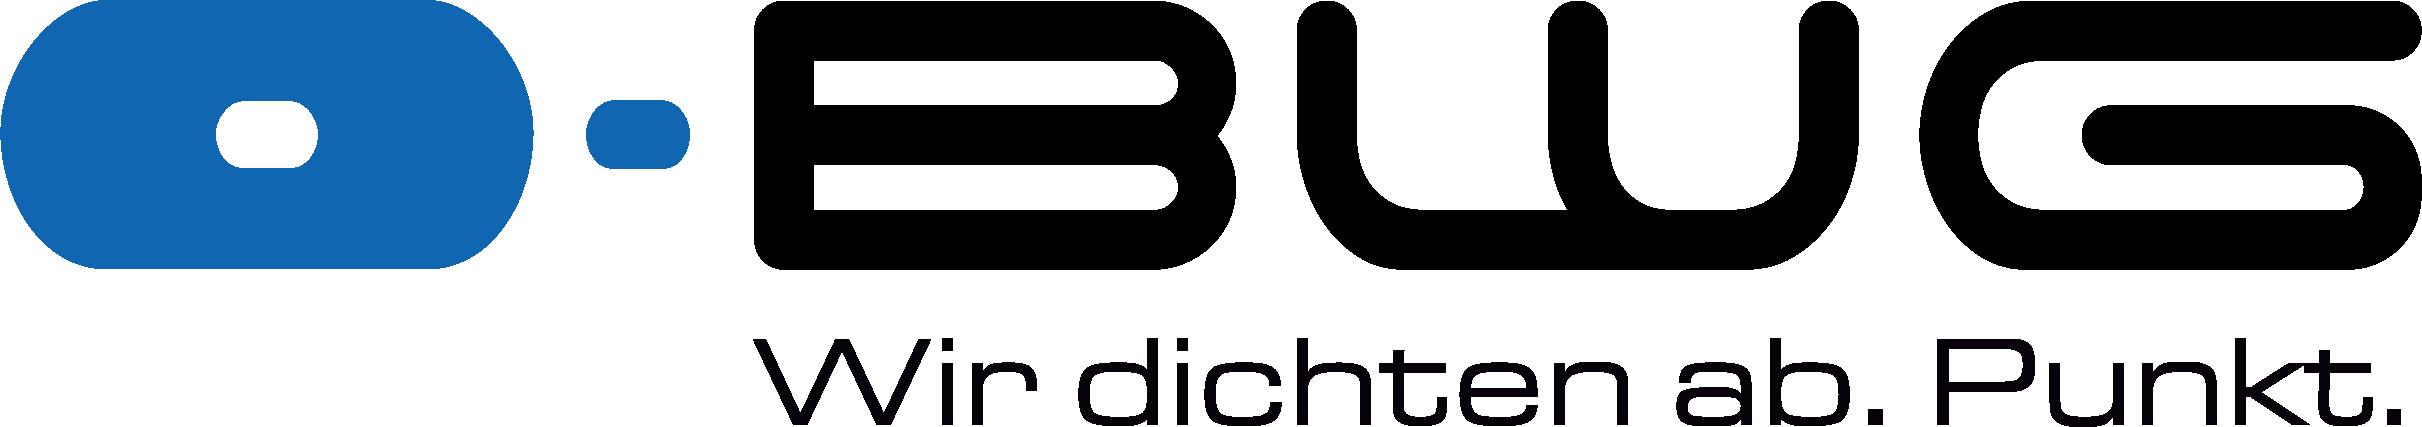 bwg-logo-transparenter-bg